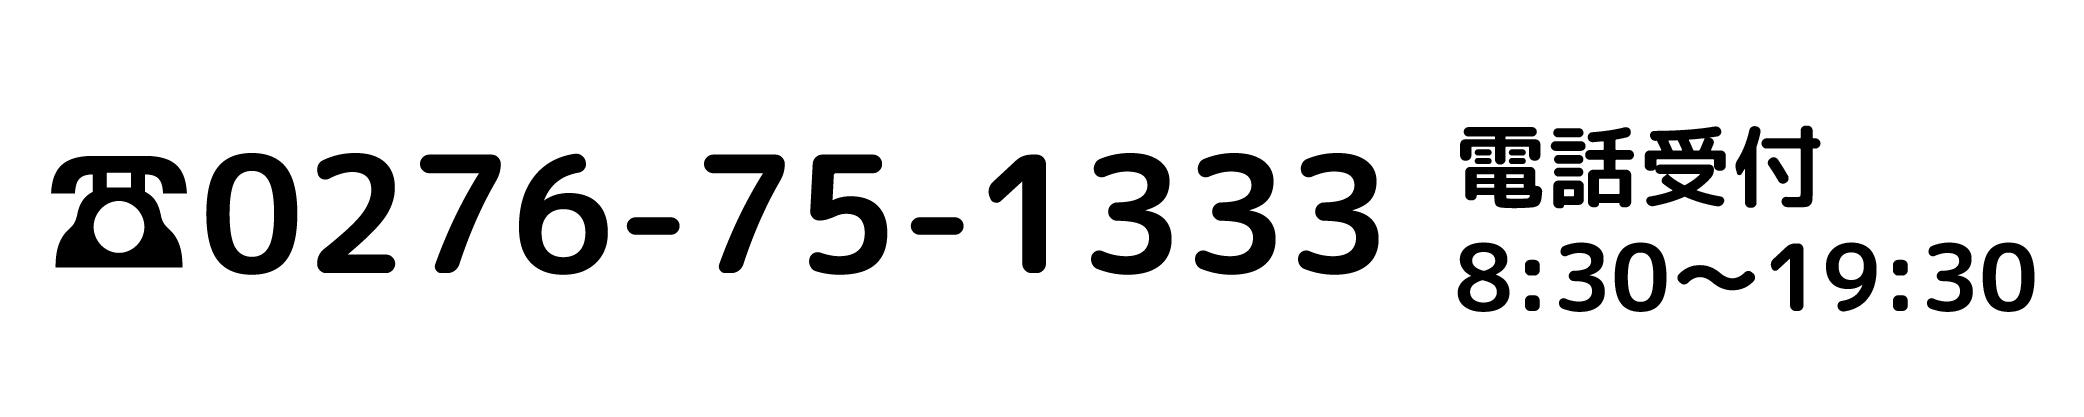 サンプルスペース5-1